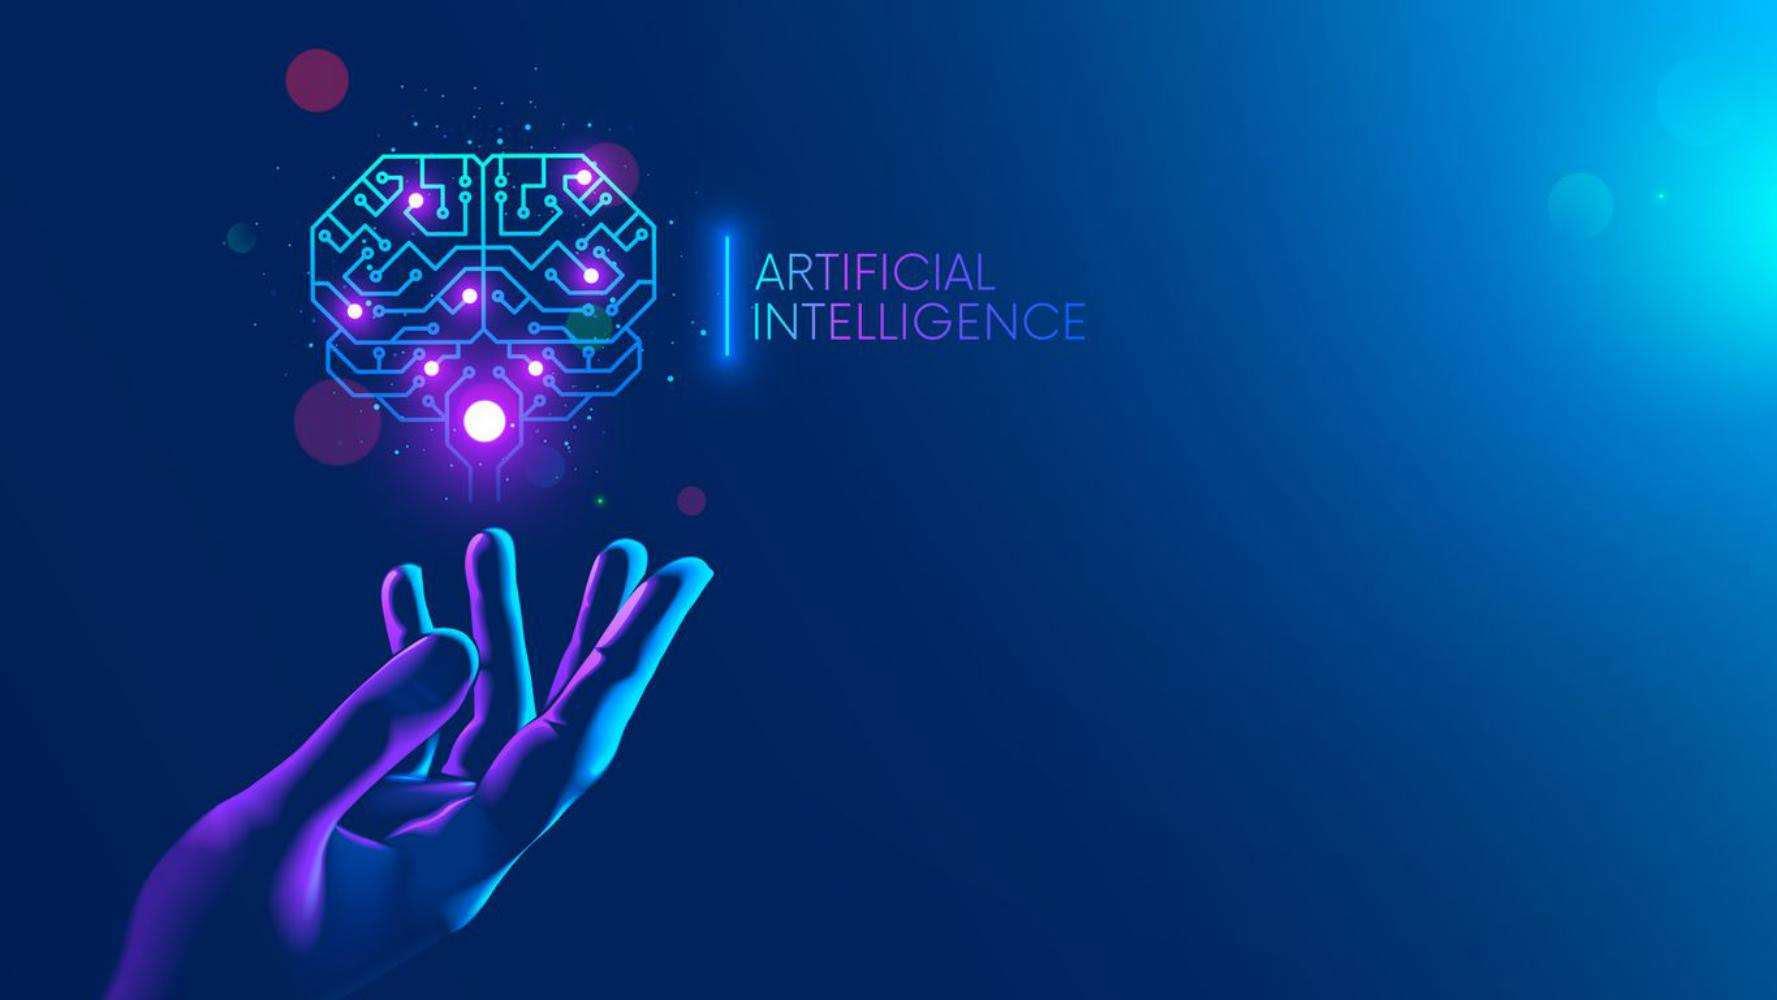 Вопрос этичности в искусственном интеллекте